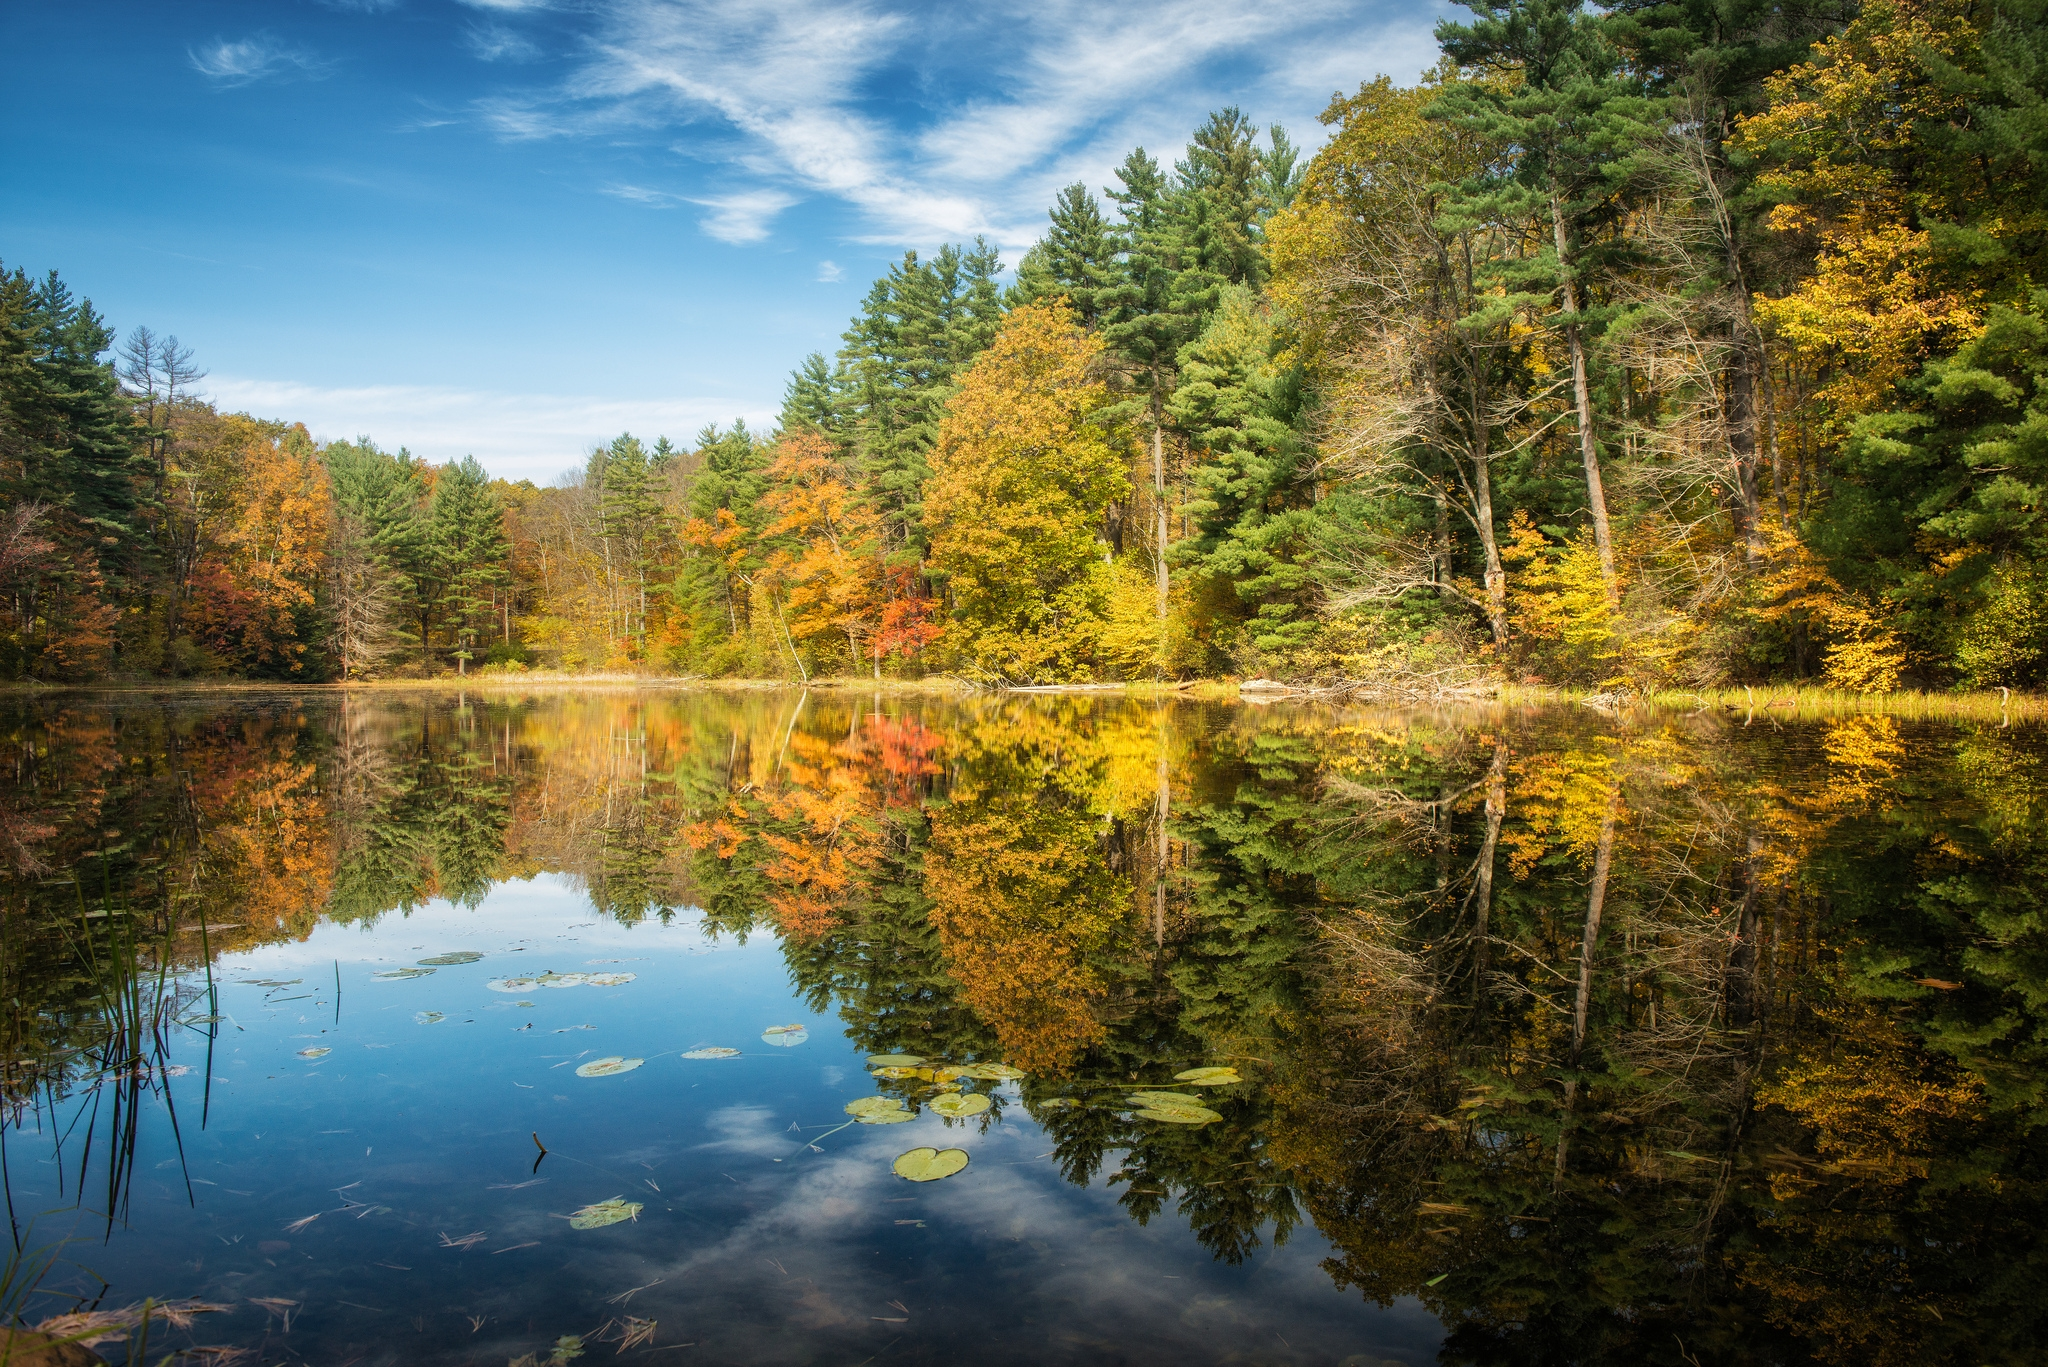 125530 скачать обои Осень, Лес, Природа, Деревья, Озеро, Отражение - заставки и картинки бесплатно